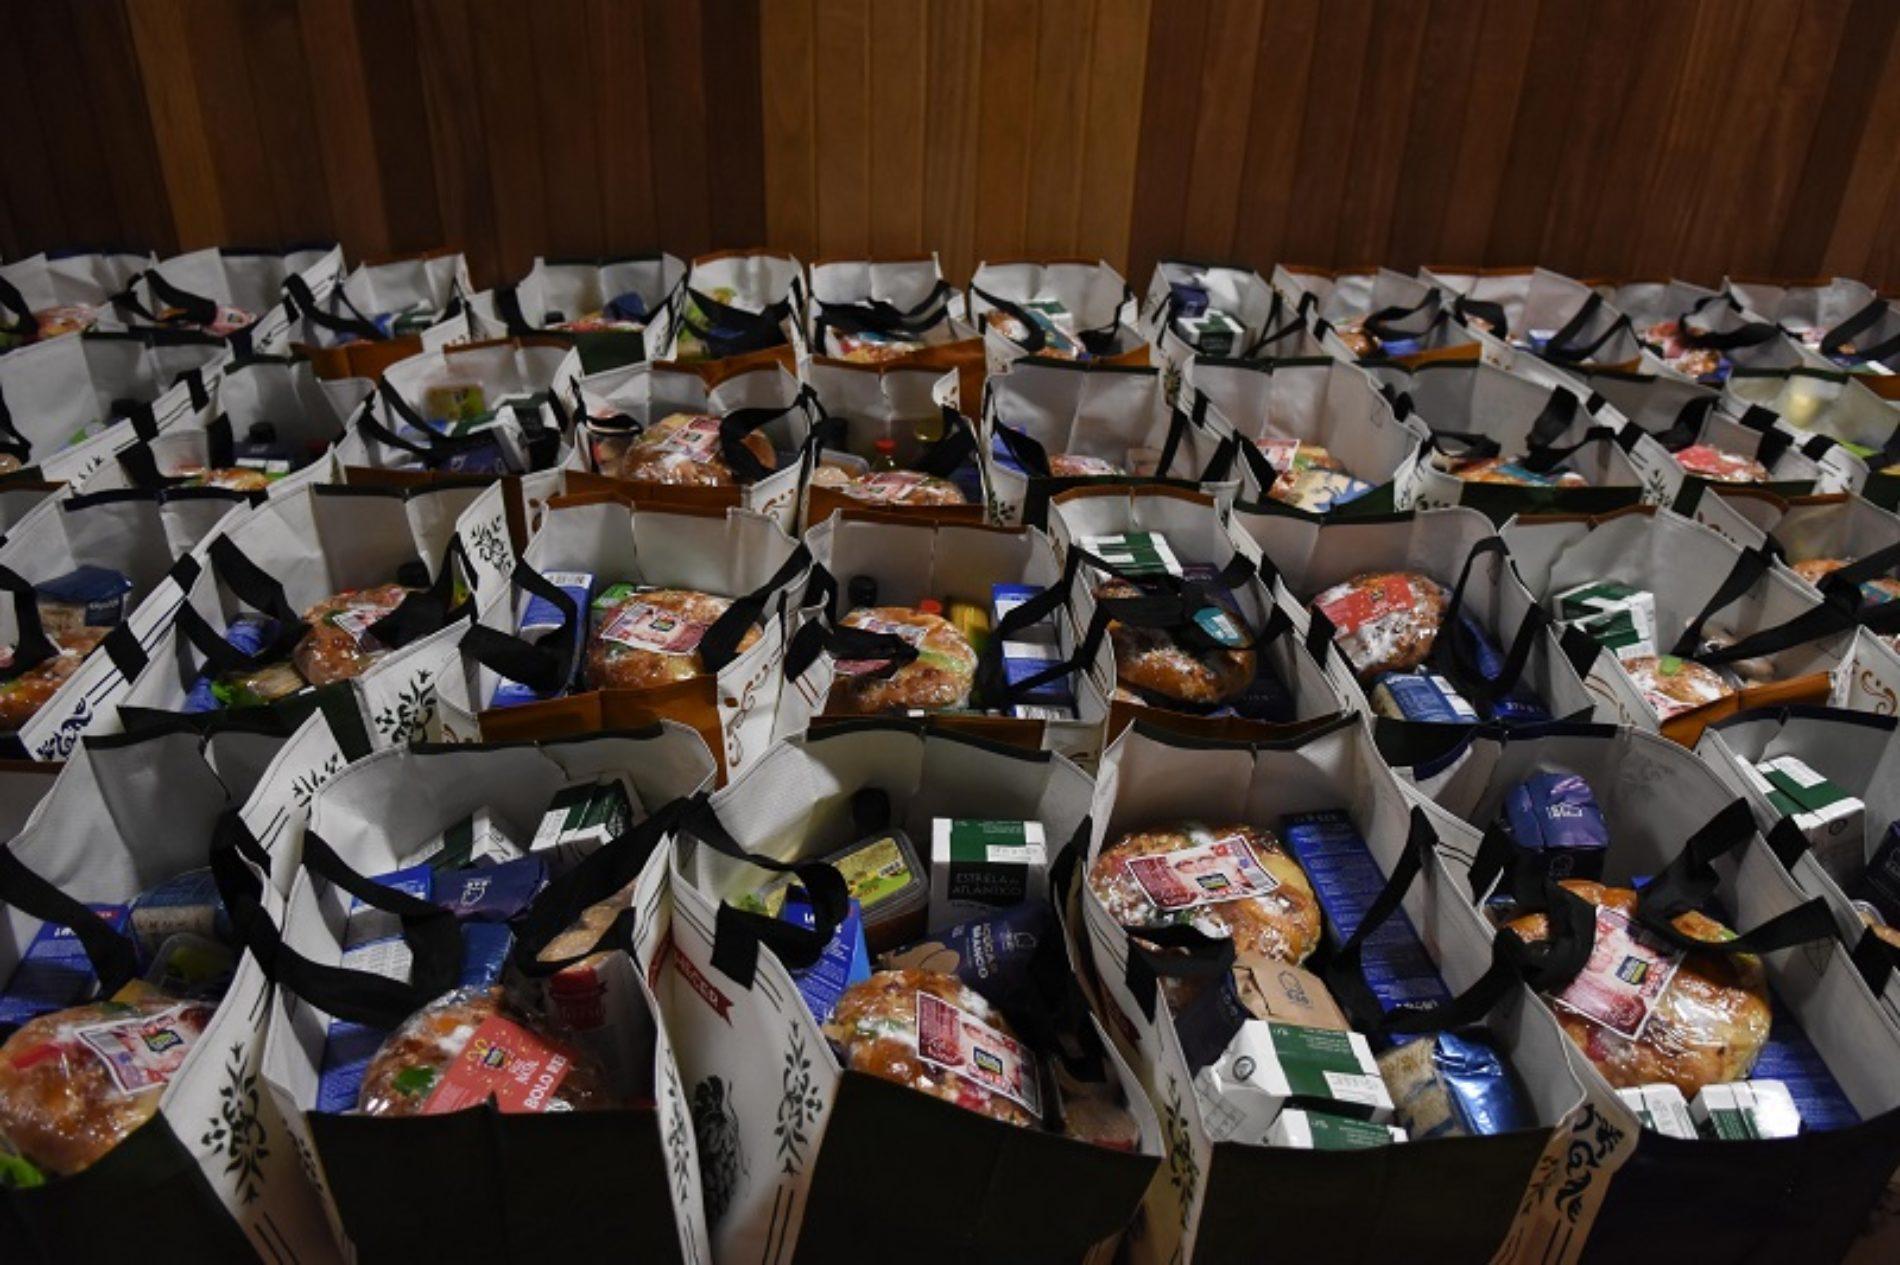 Câmara de Seia e juntas de freguesia distribuem cabazes de Natal a famílias carenciadas